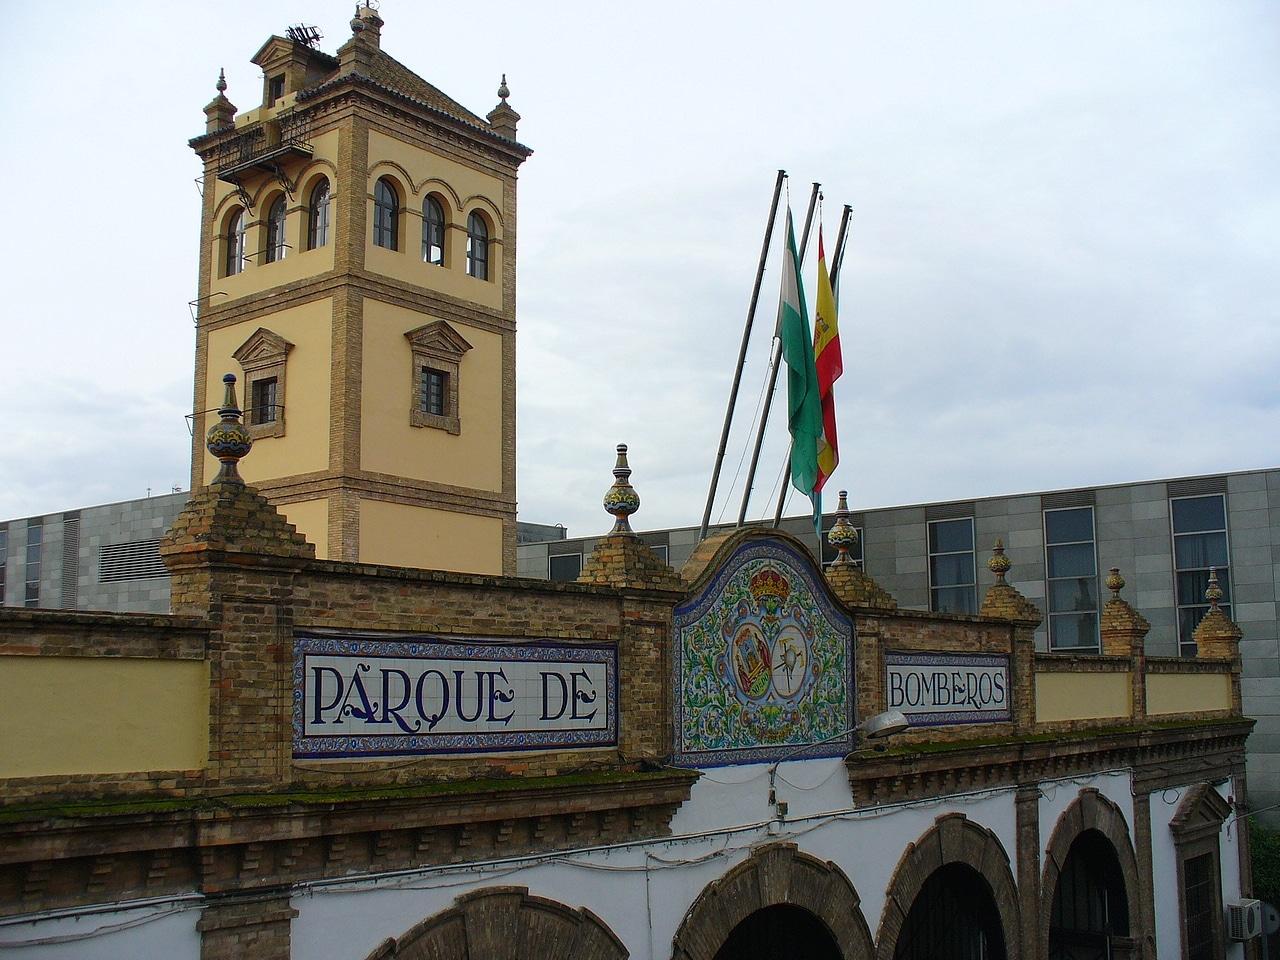 Parque_de_Bomberos